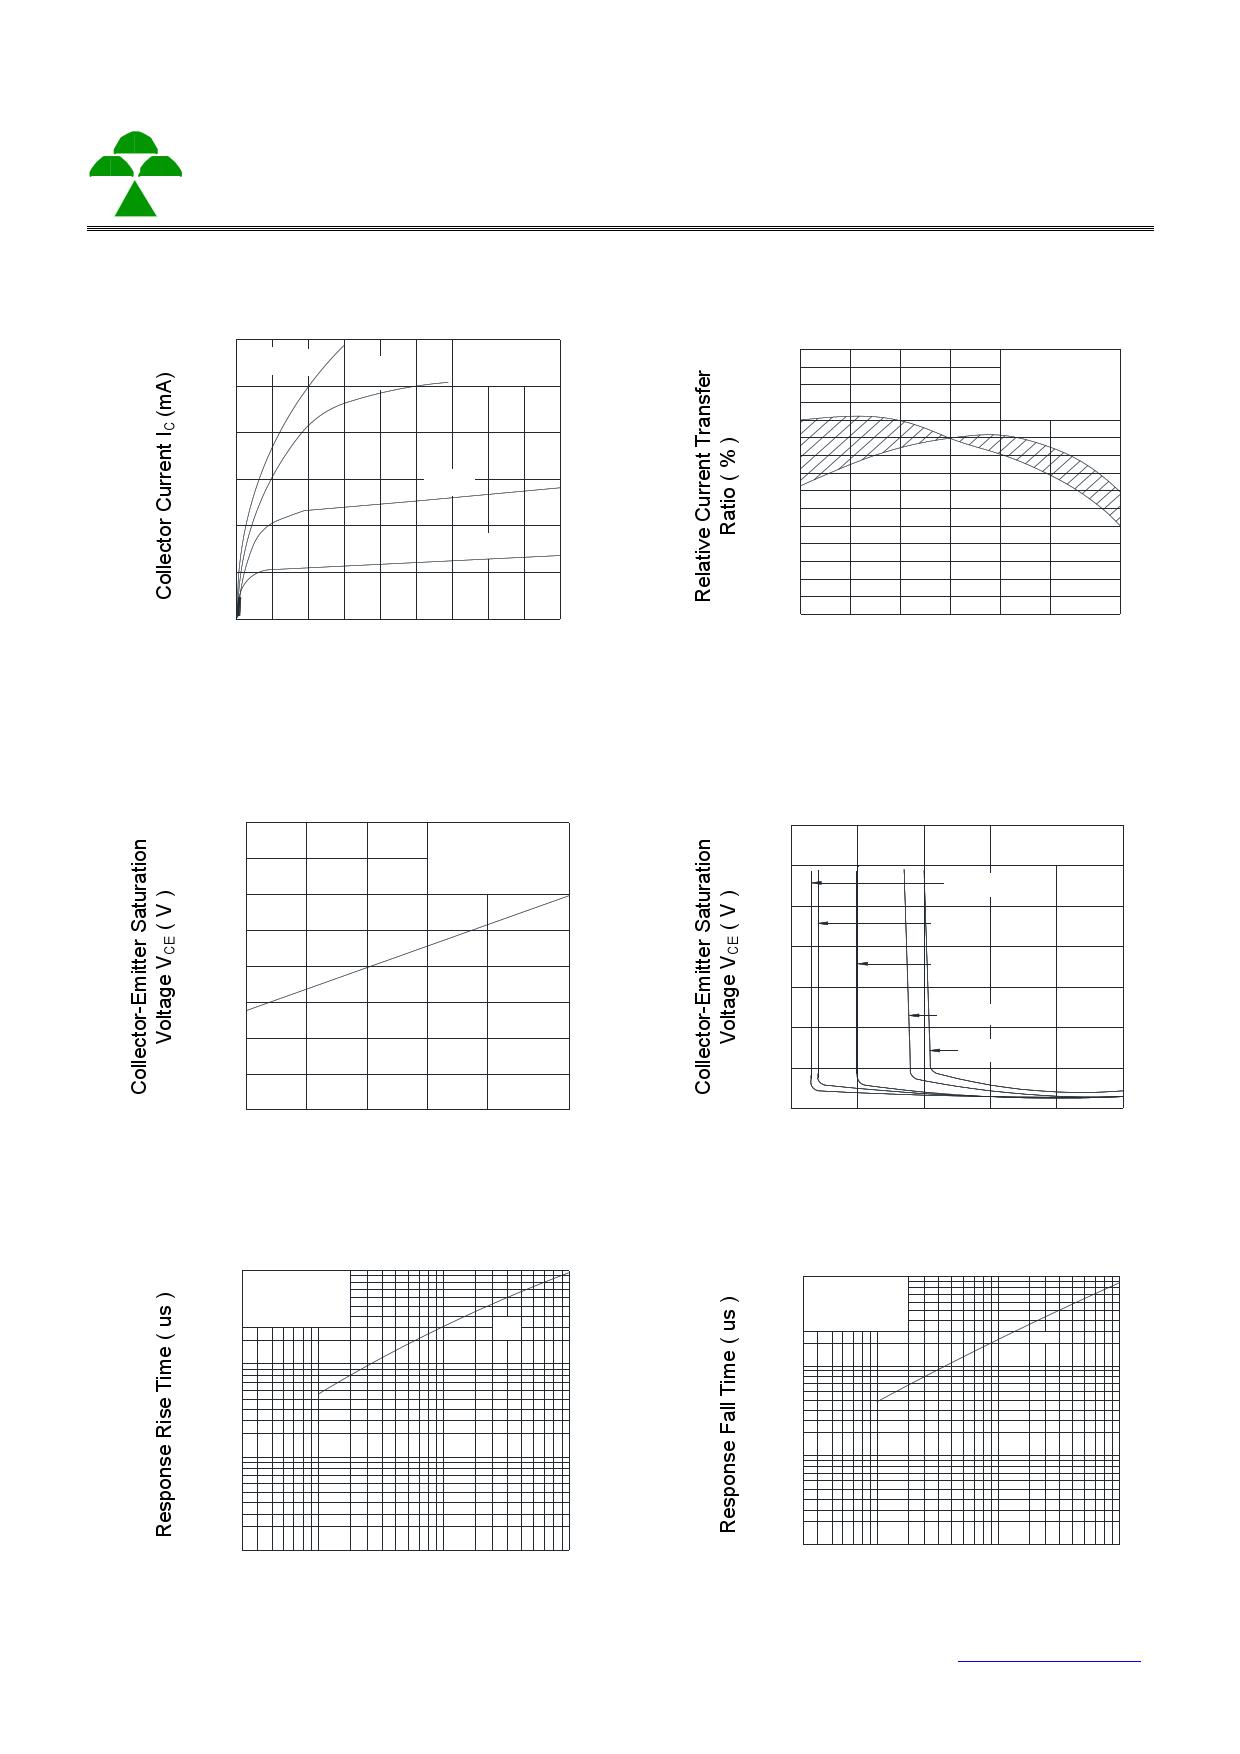 K10106X pdf, arduino